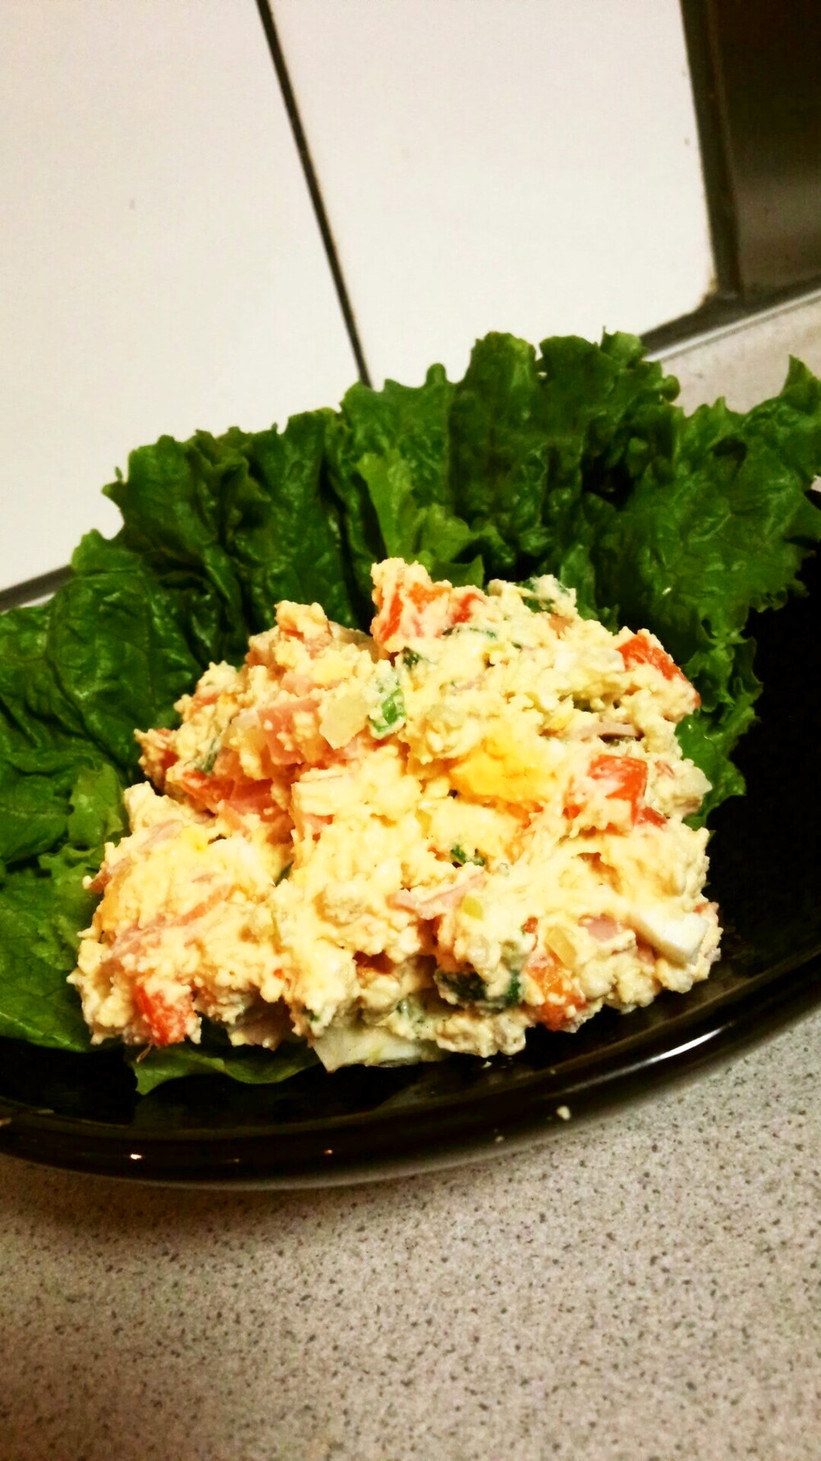 粉豆腐のサラダ